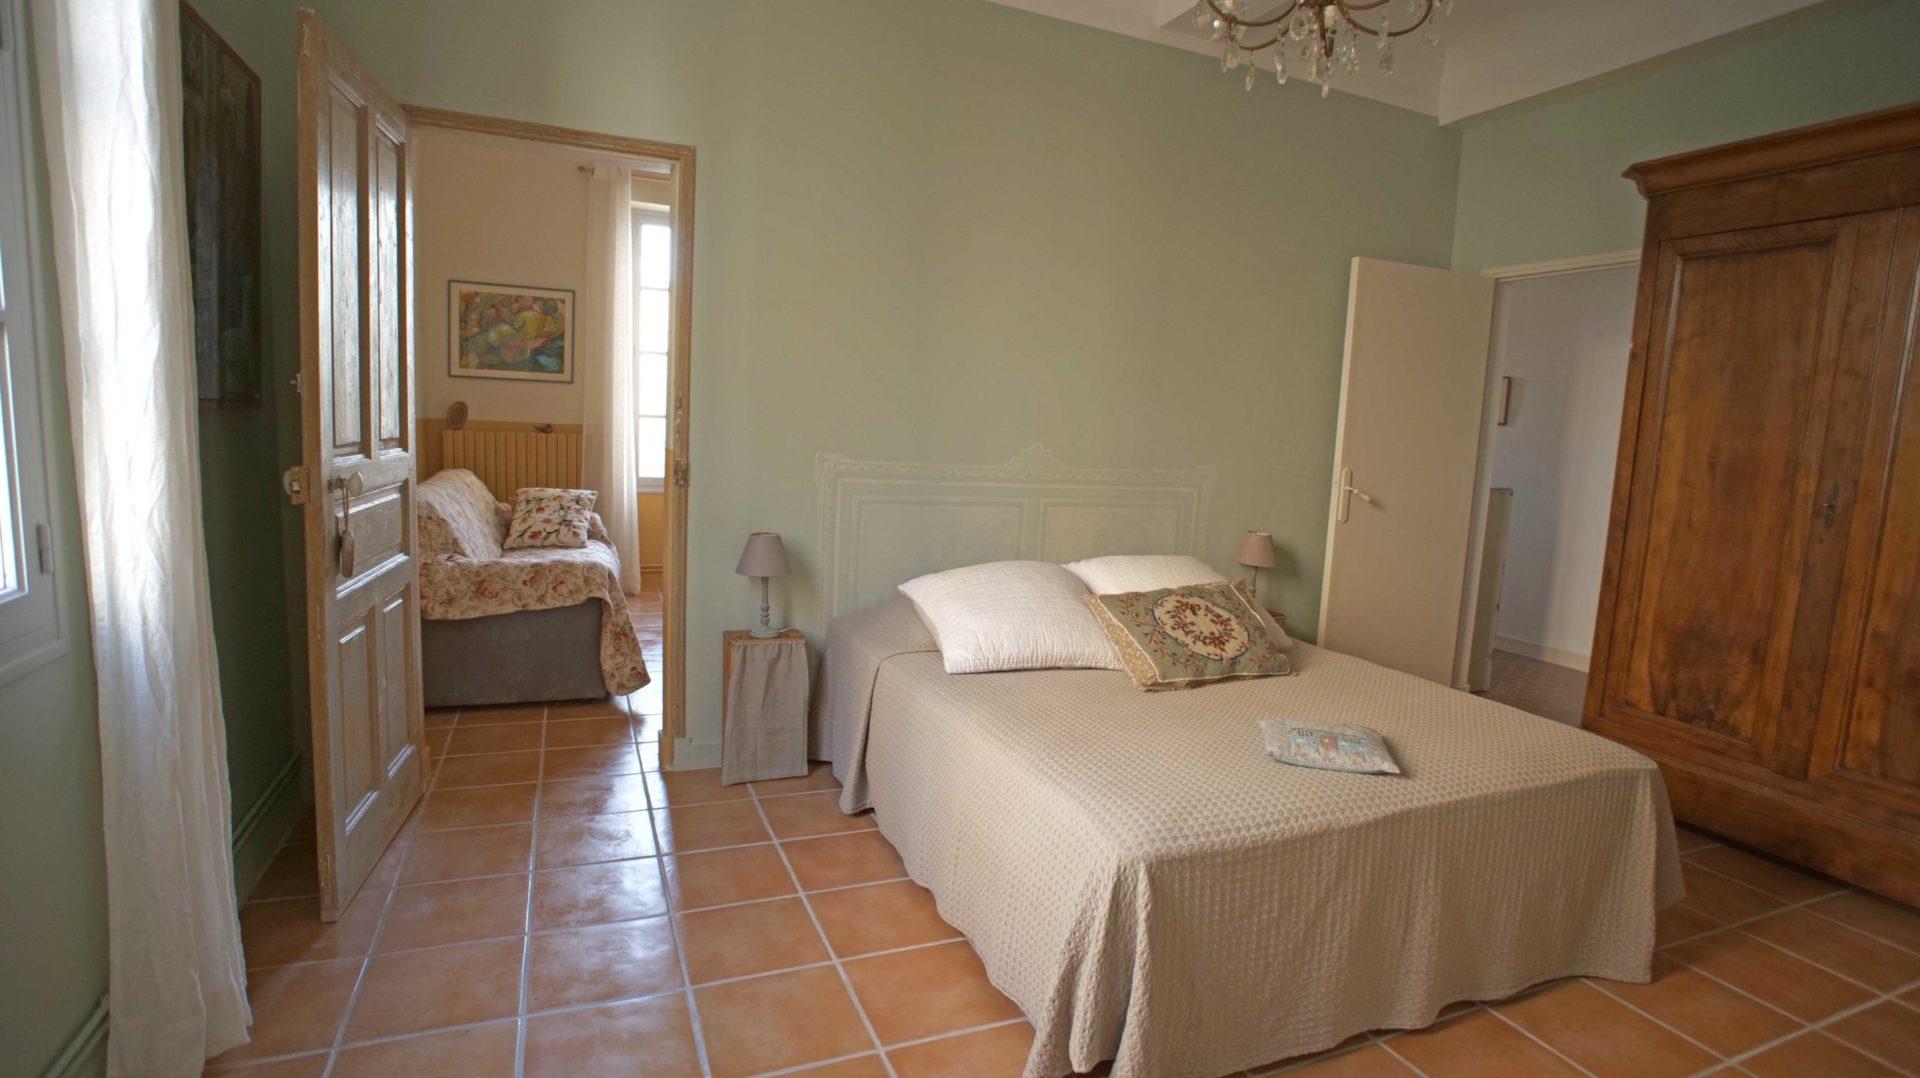 Chambres d'hôtes gay à Arles